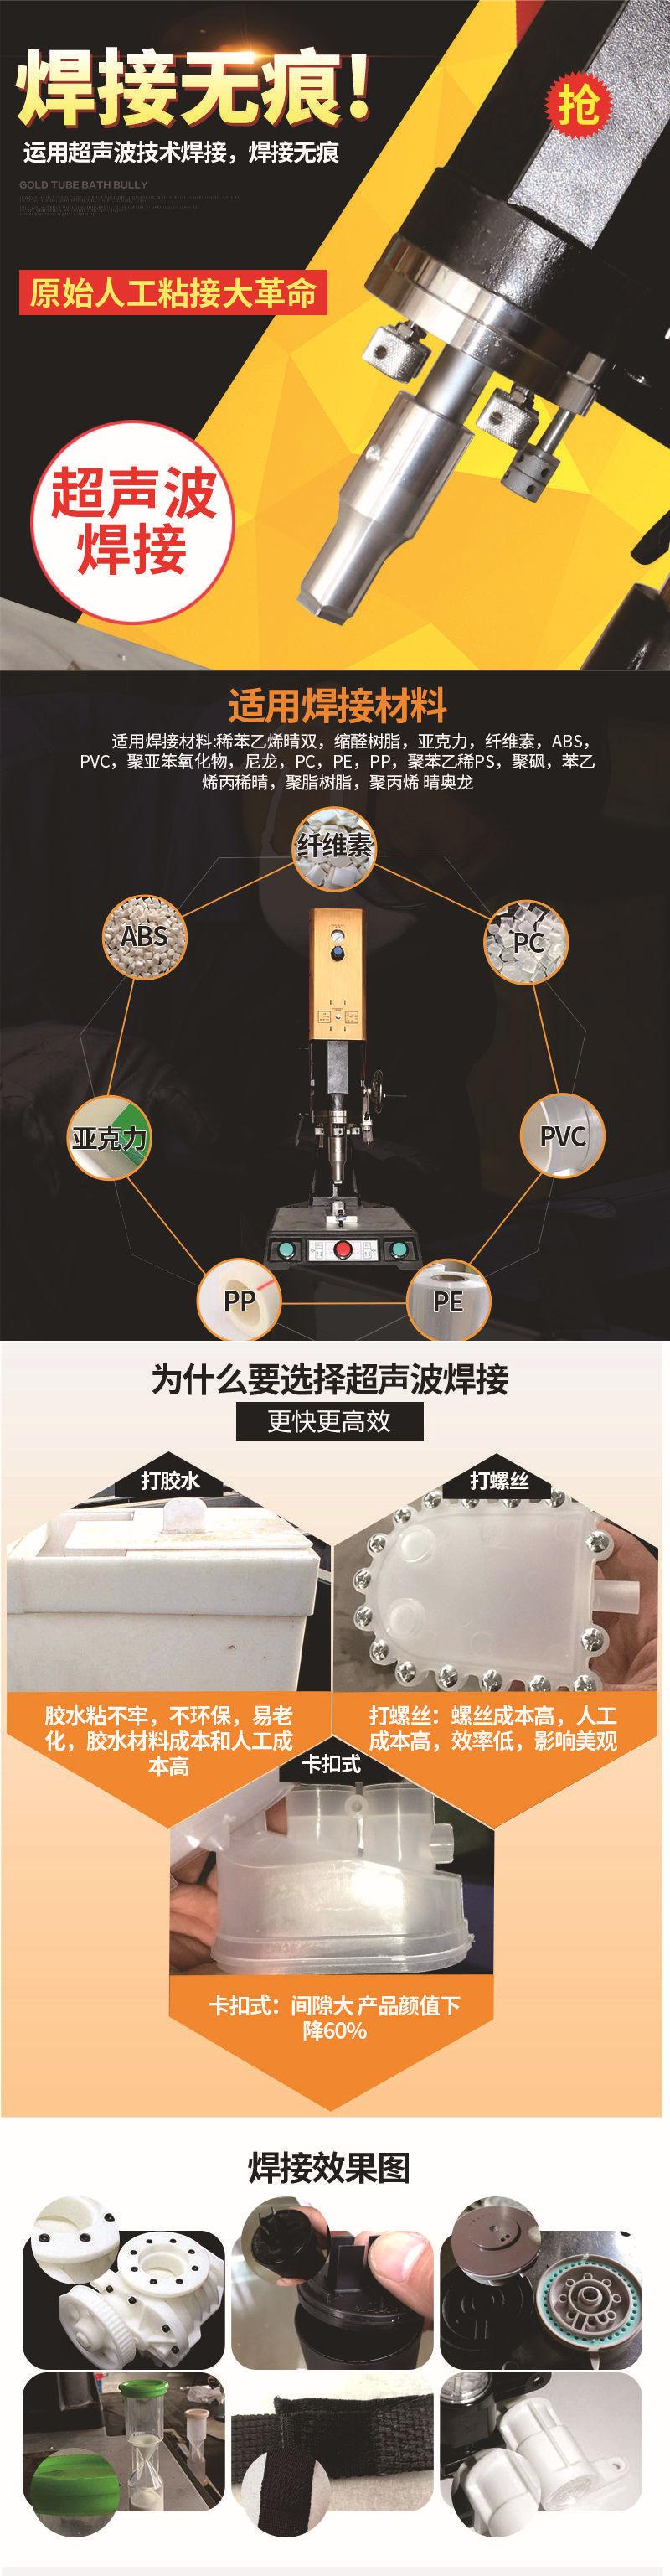 塑料超聲波焊接工藝